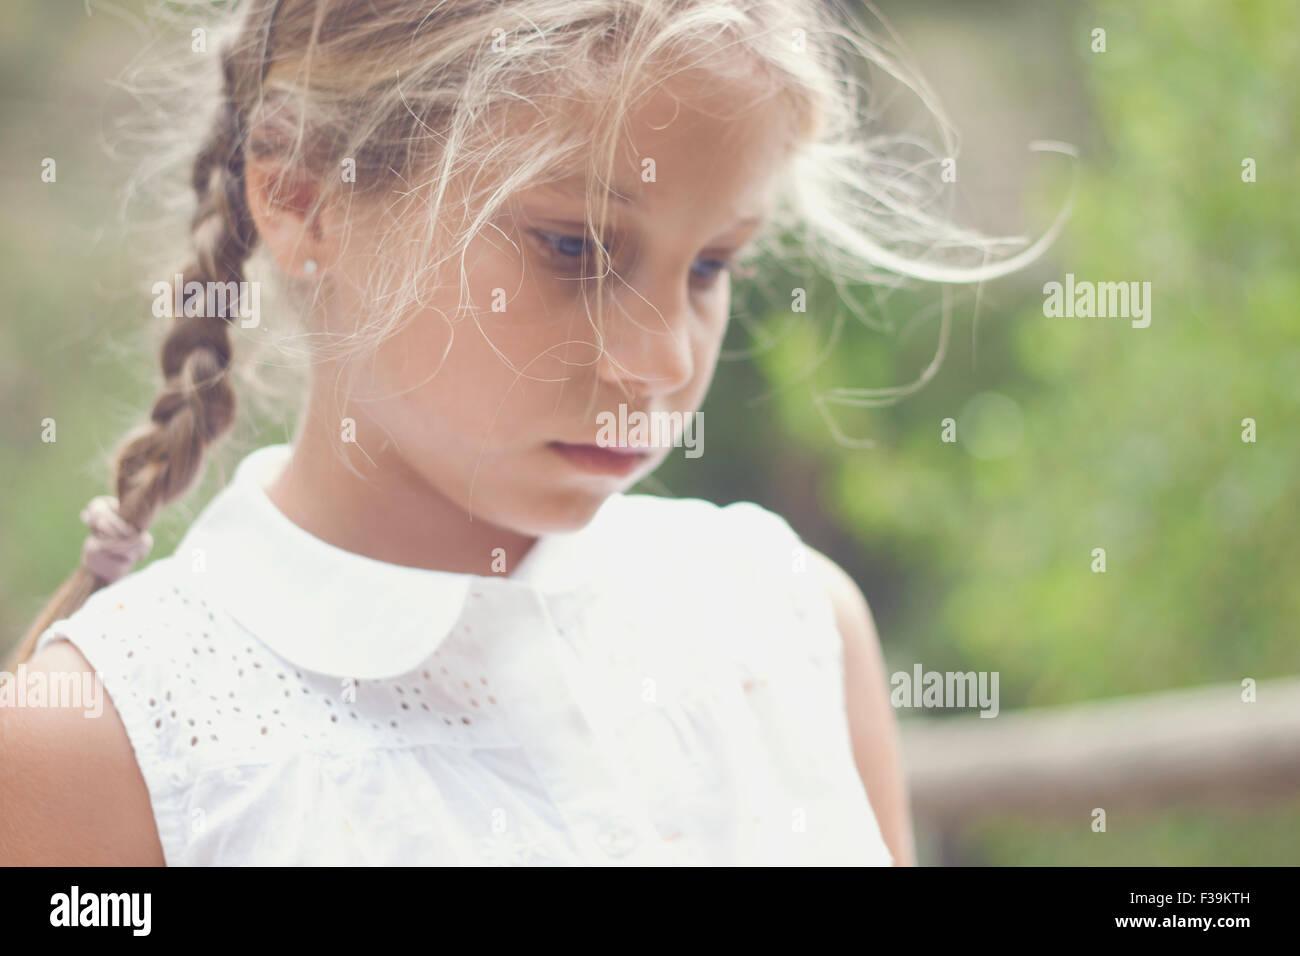 Ritratto di una ragazza guarda pensieroso Immagini Stock